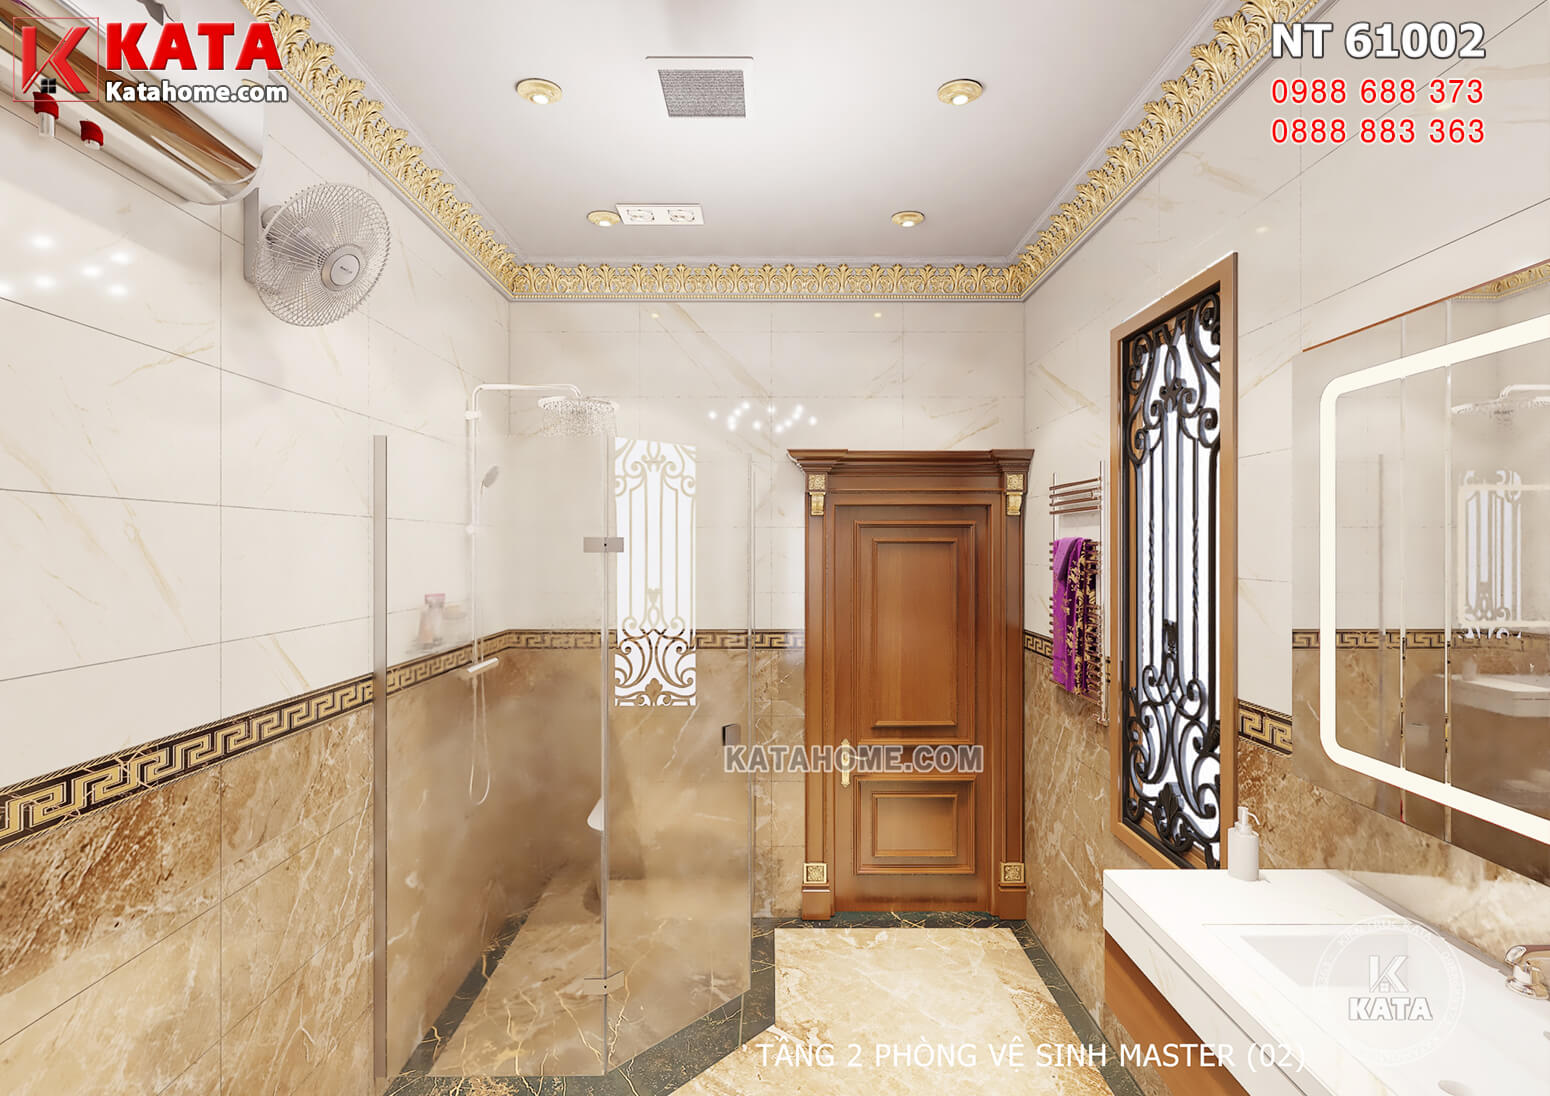 Hình ảnh: Khu vực tắm cũng được phân cách bởi các vách kính